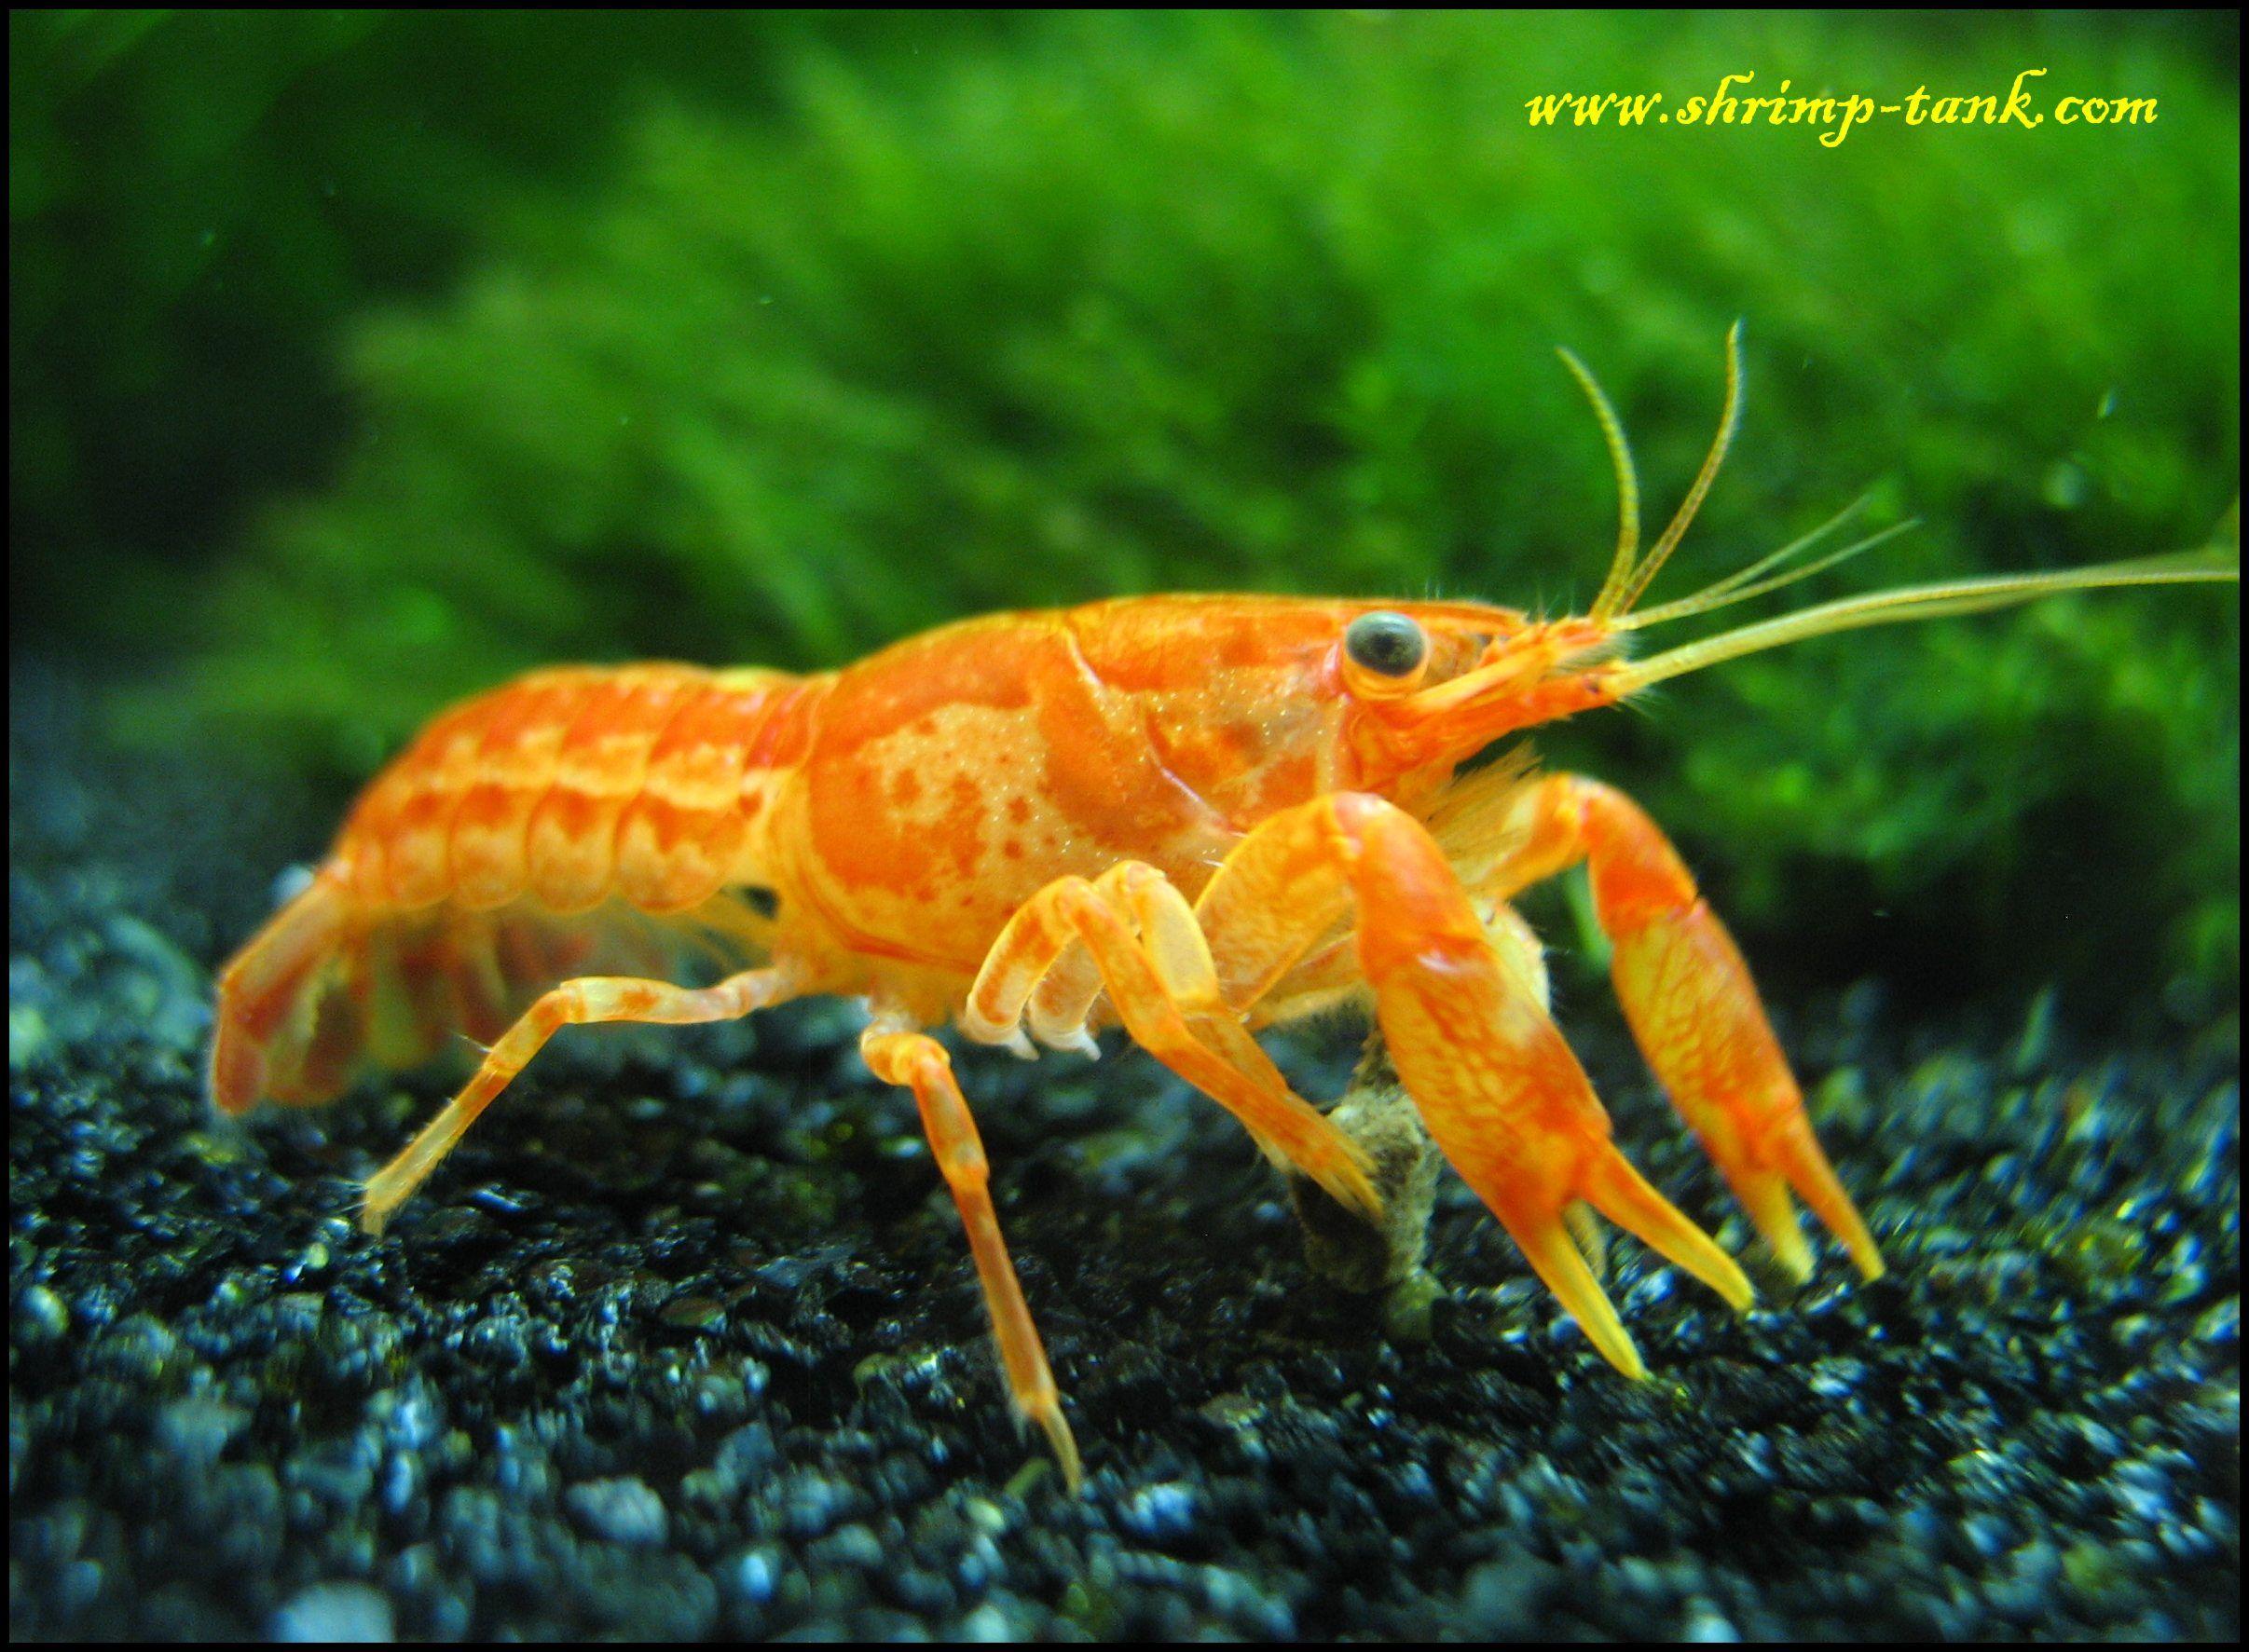 Mexican Dwarf Crayfish | Aquarium:- Shrimpies, Pics | Pinterest ...